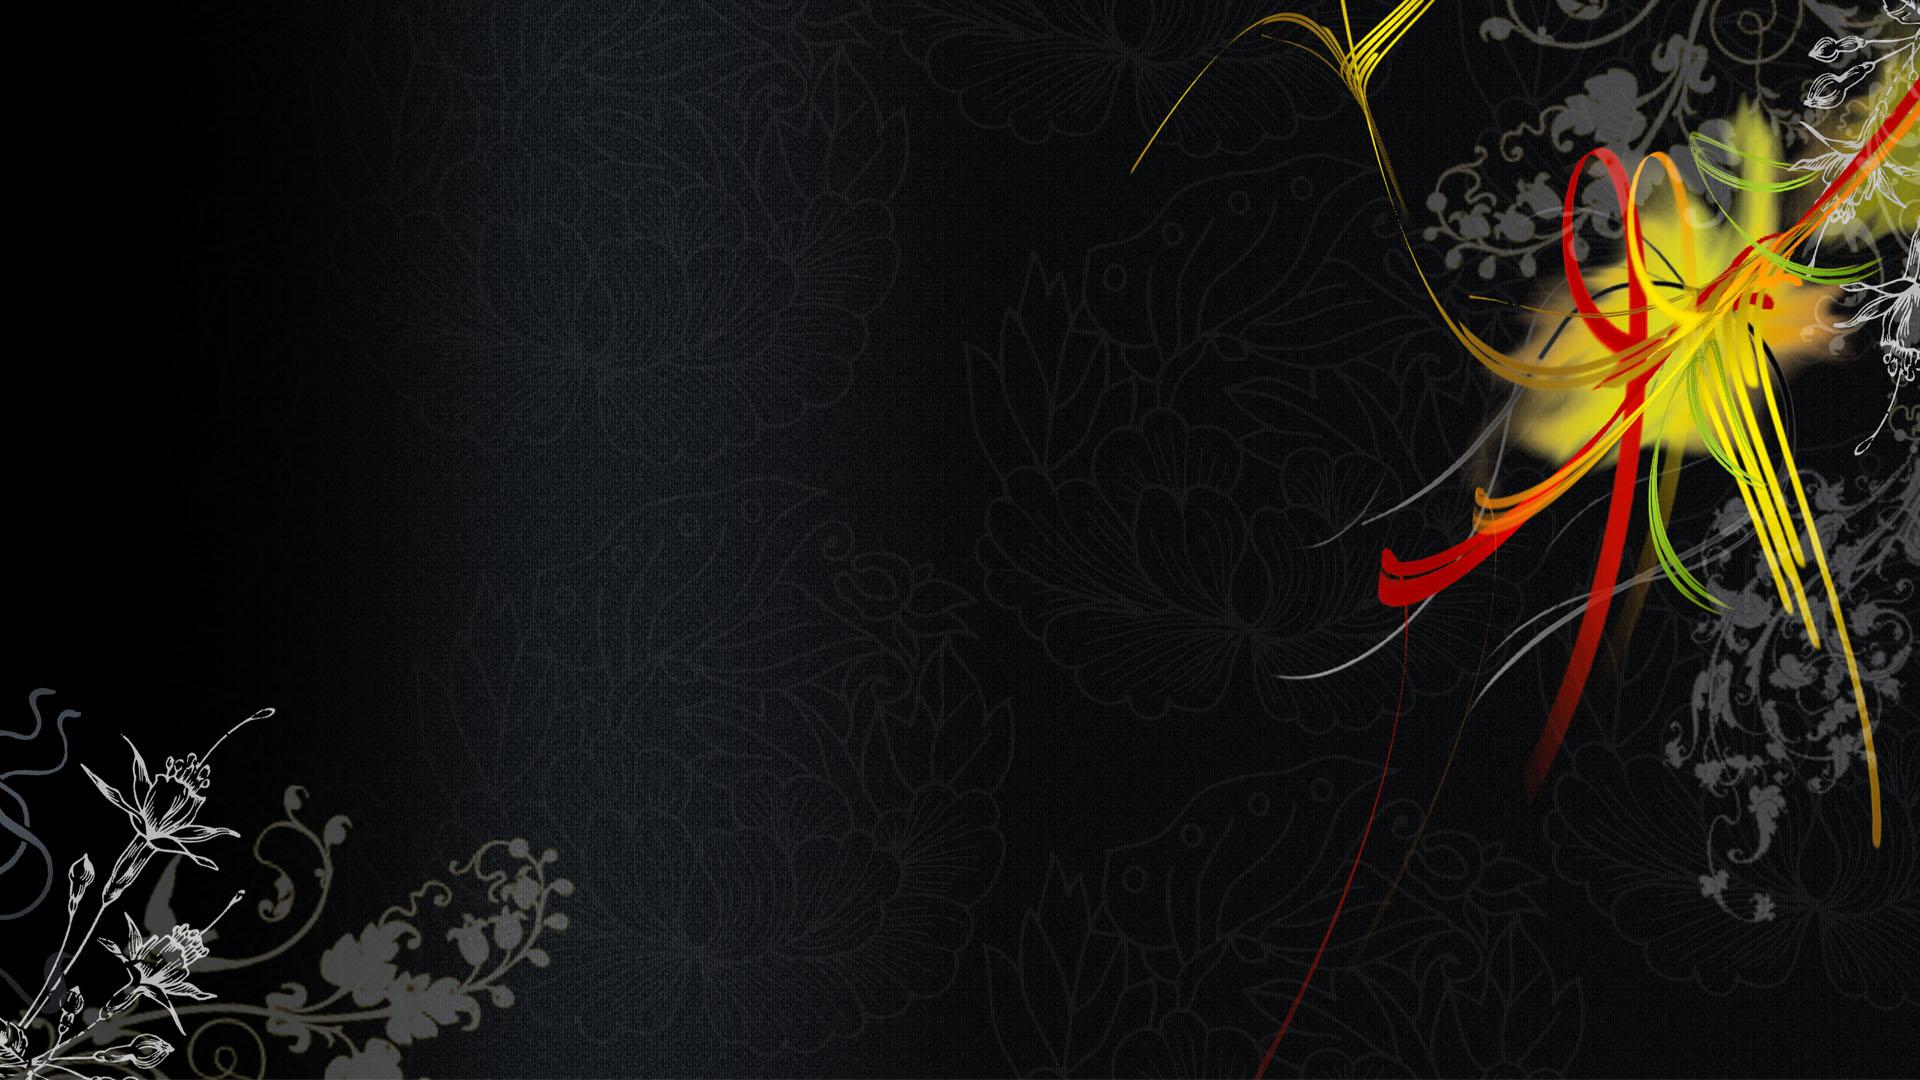 wallpaper for DELL stduio XPS 1640 Dell 1920x1080